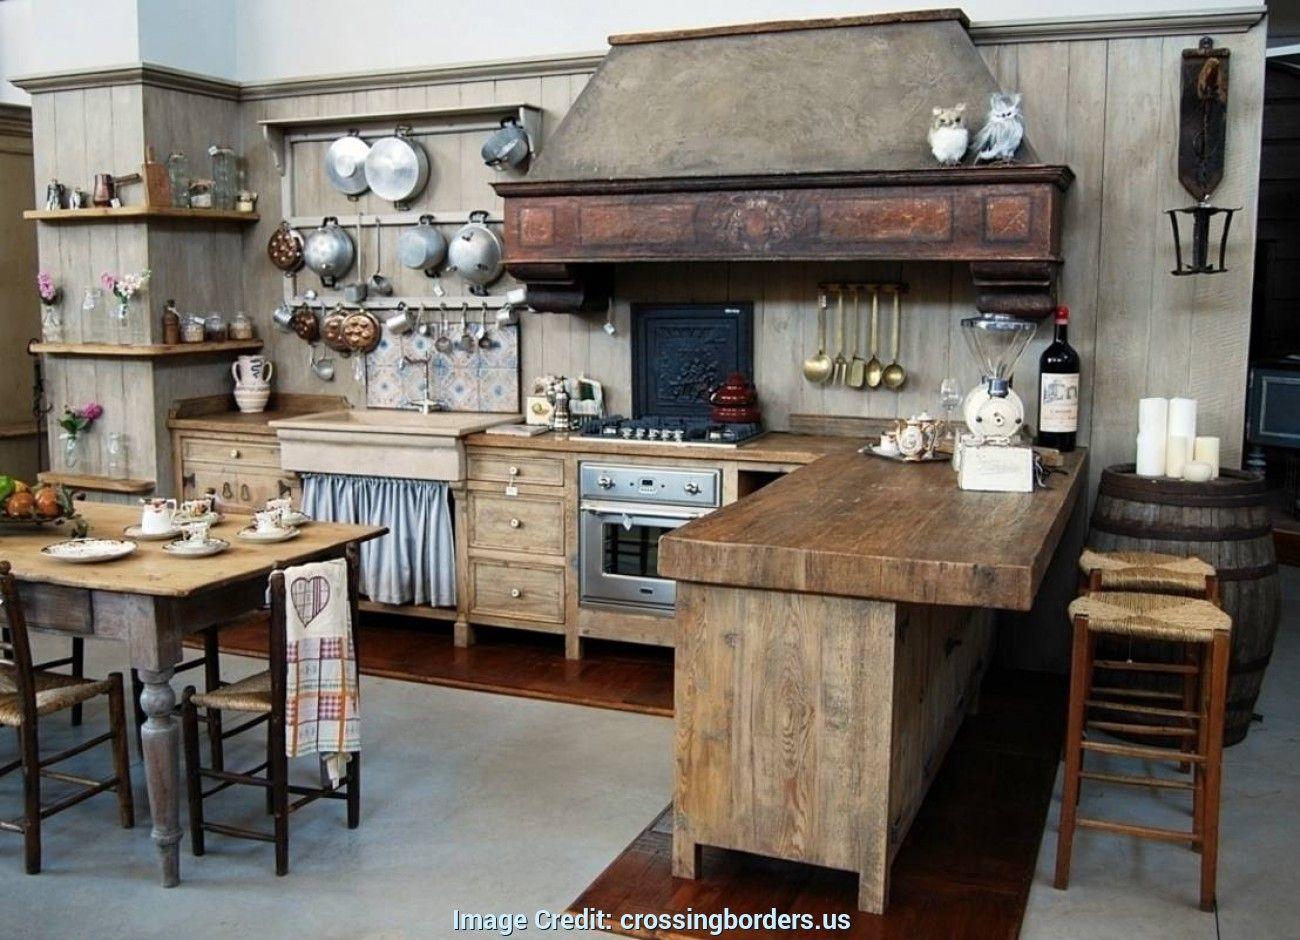 Risultati immagini per migliori marche cucine professionali ...